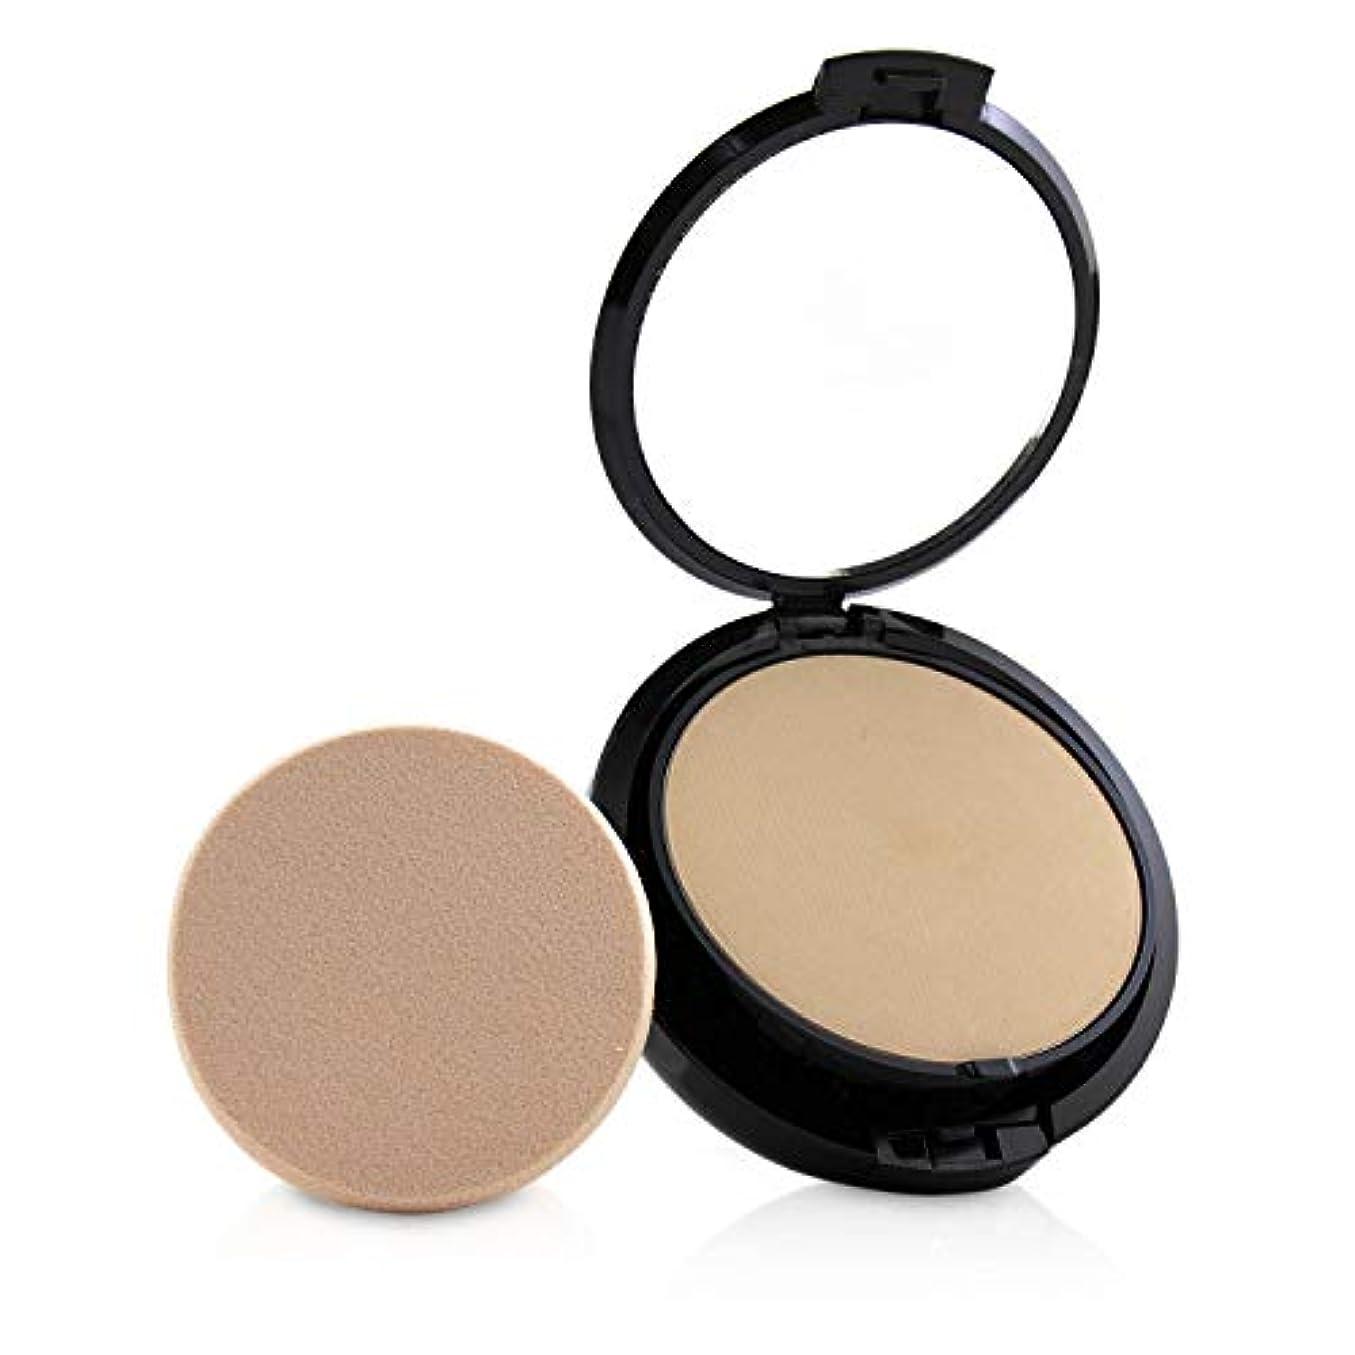 バッジ検出議論するSCOUT Cosmetics Pressed Mineral Powder Foundation SPF 15 - # Shell 15g/0.53oz並行輸入品